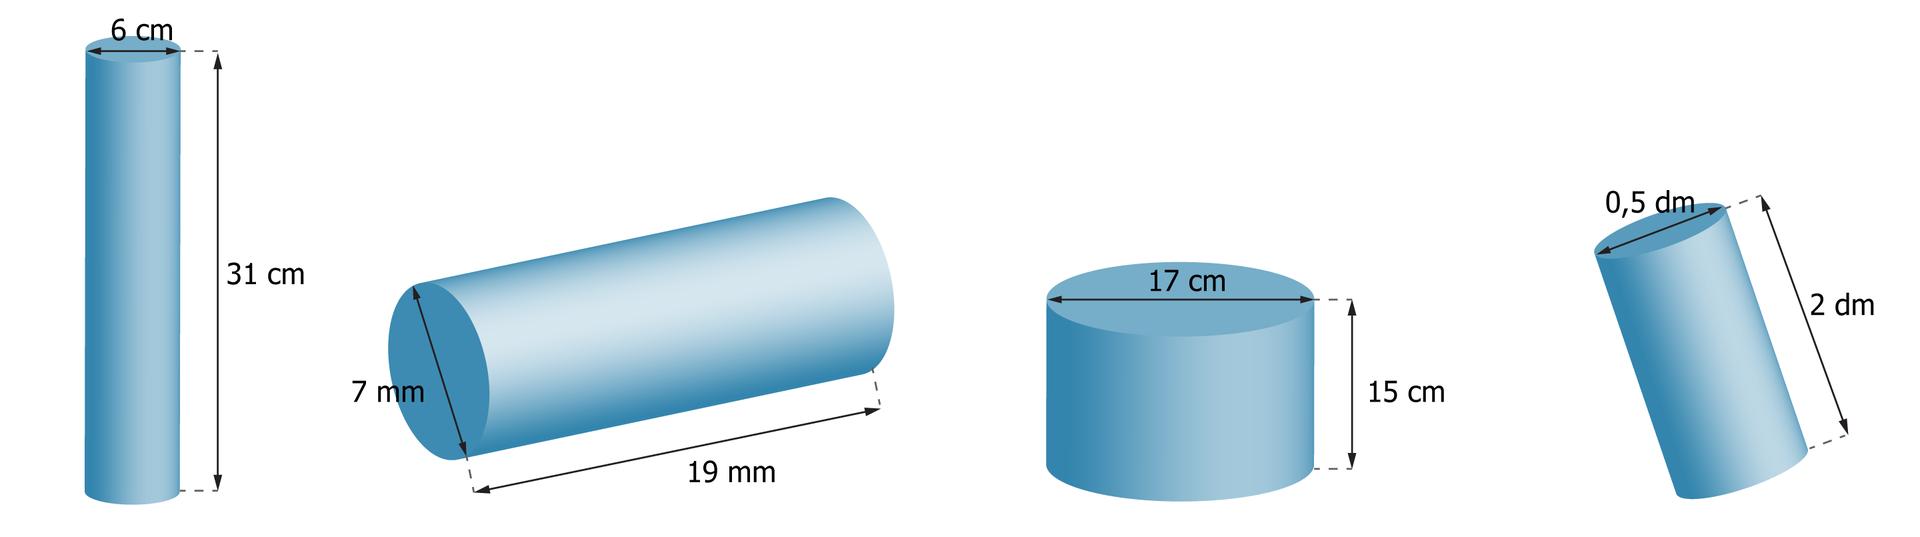 Rysunki czterech walców. Pierwszy walec ma wysokość równą 31 cm iśrednicę podstawy 6 cm. Drugi walec ma wysokość równą 19 mm iśrednicę podstawy 7 mm. Trzeci walec ma wysokość równą 15 cm iśrednicę podstawy 17 cm. Czwarty walec ma wysokość równą 2 dm iśrednicę podstawy 0,5 dm.